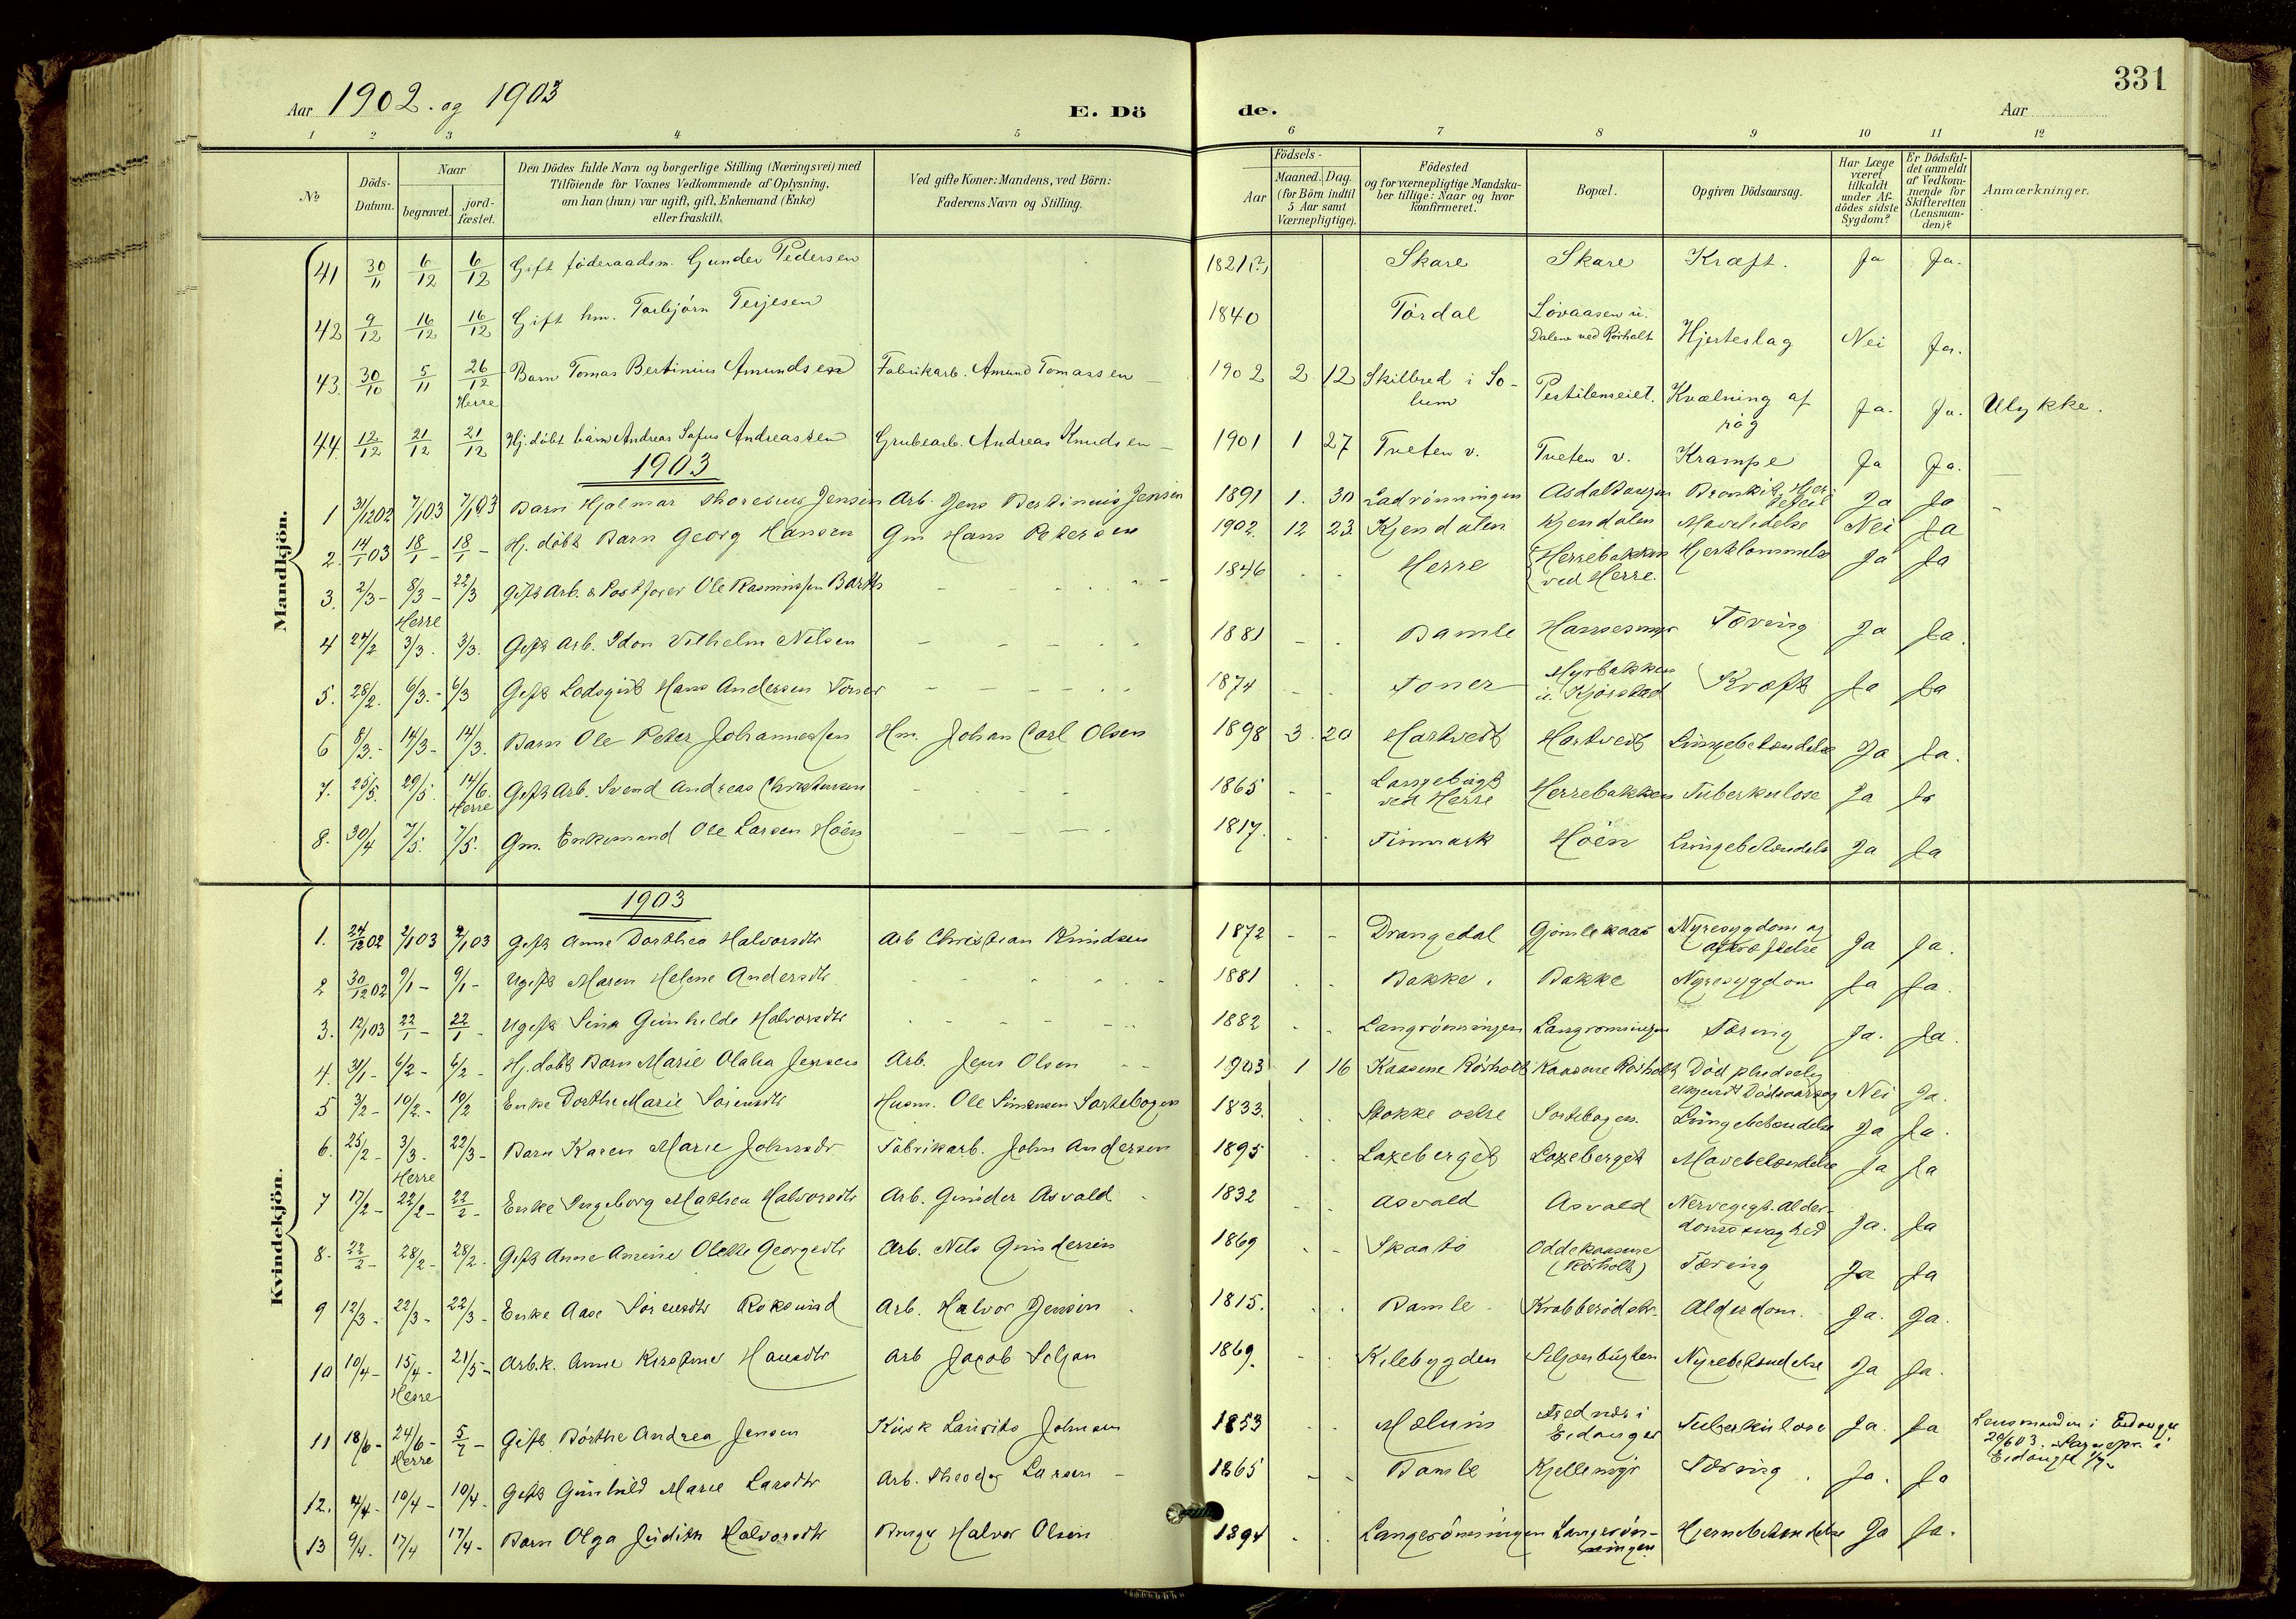 SAKO, Bamble kirkebøker, G/Ga/L0010: Klokkerbok nr. I 10, 1901-1919, s. 331